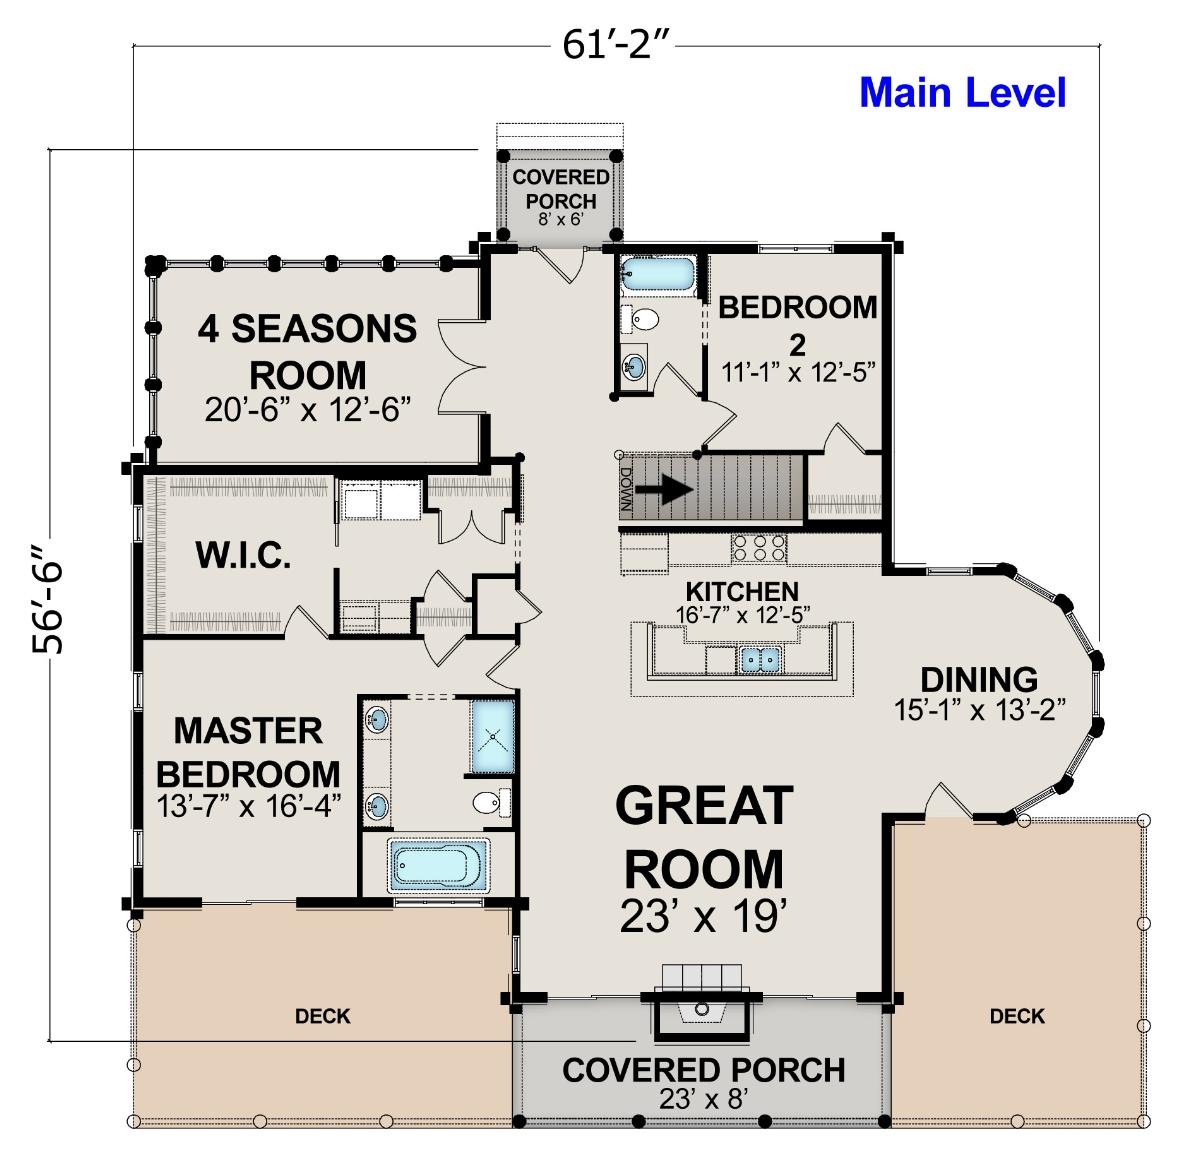 Golden eagle log and timber homes floor plan details for South carolina home plans